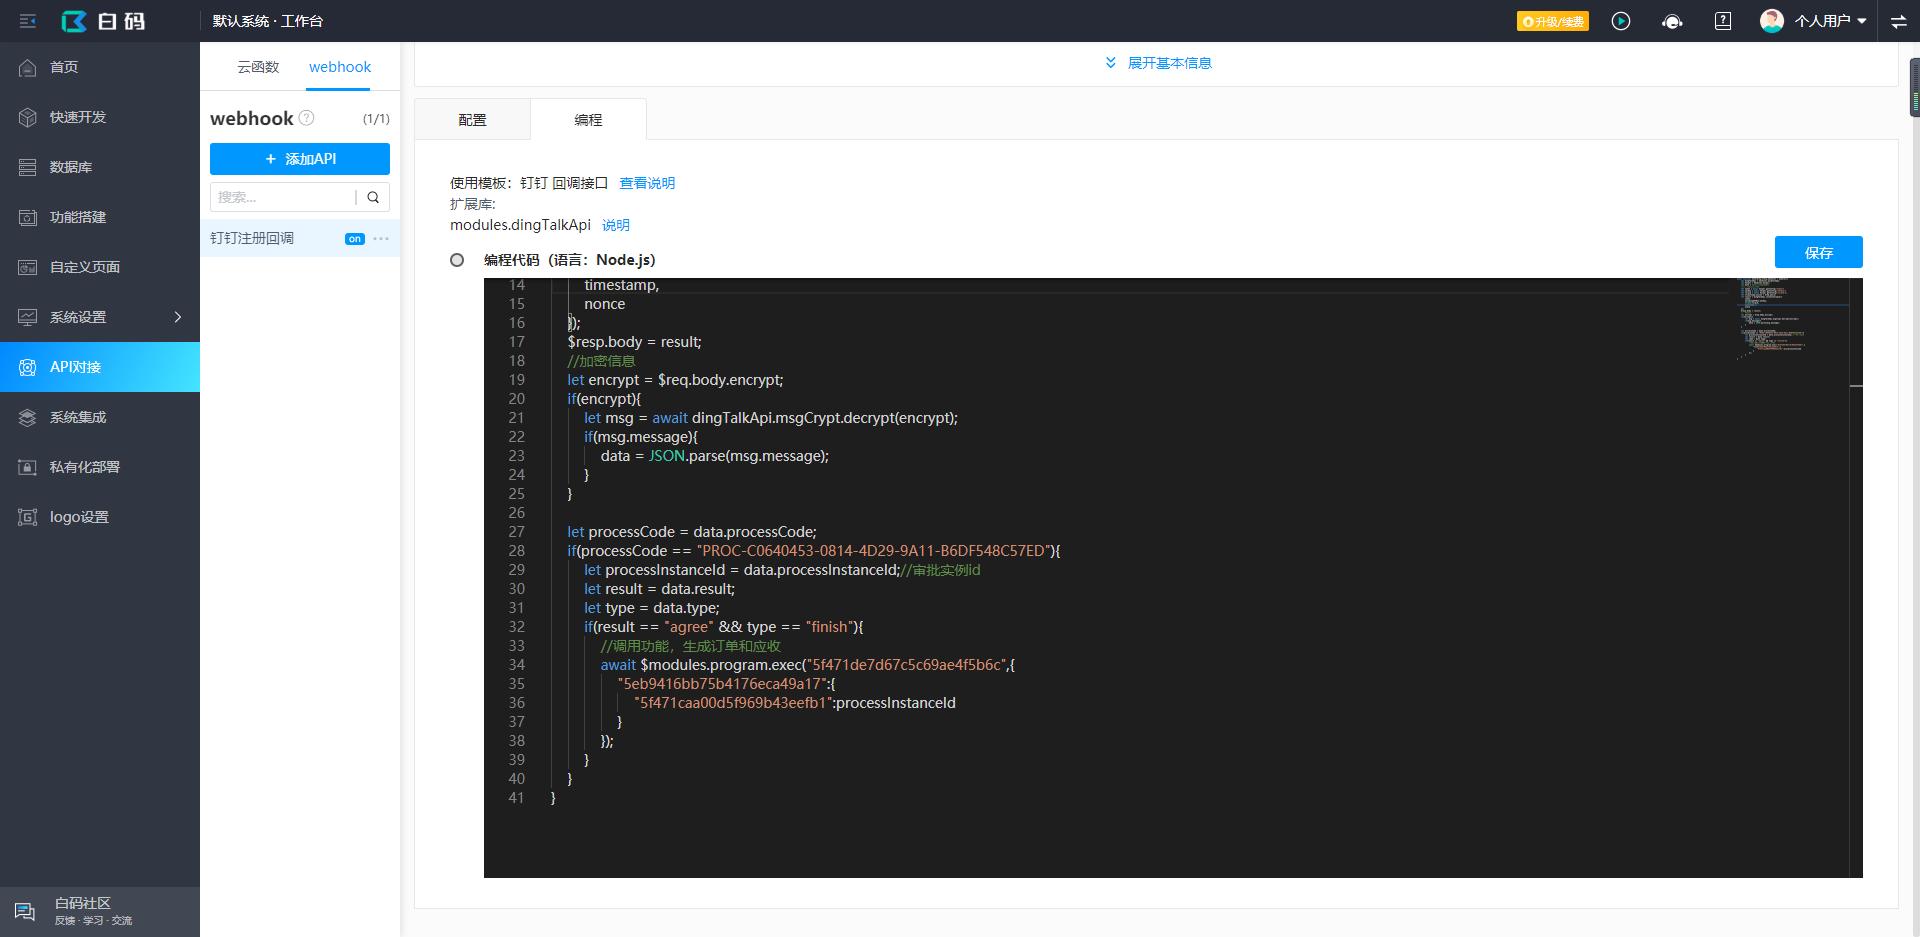 如何通过钉钉API实现流程管理数据对接